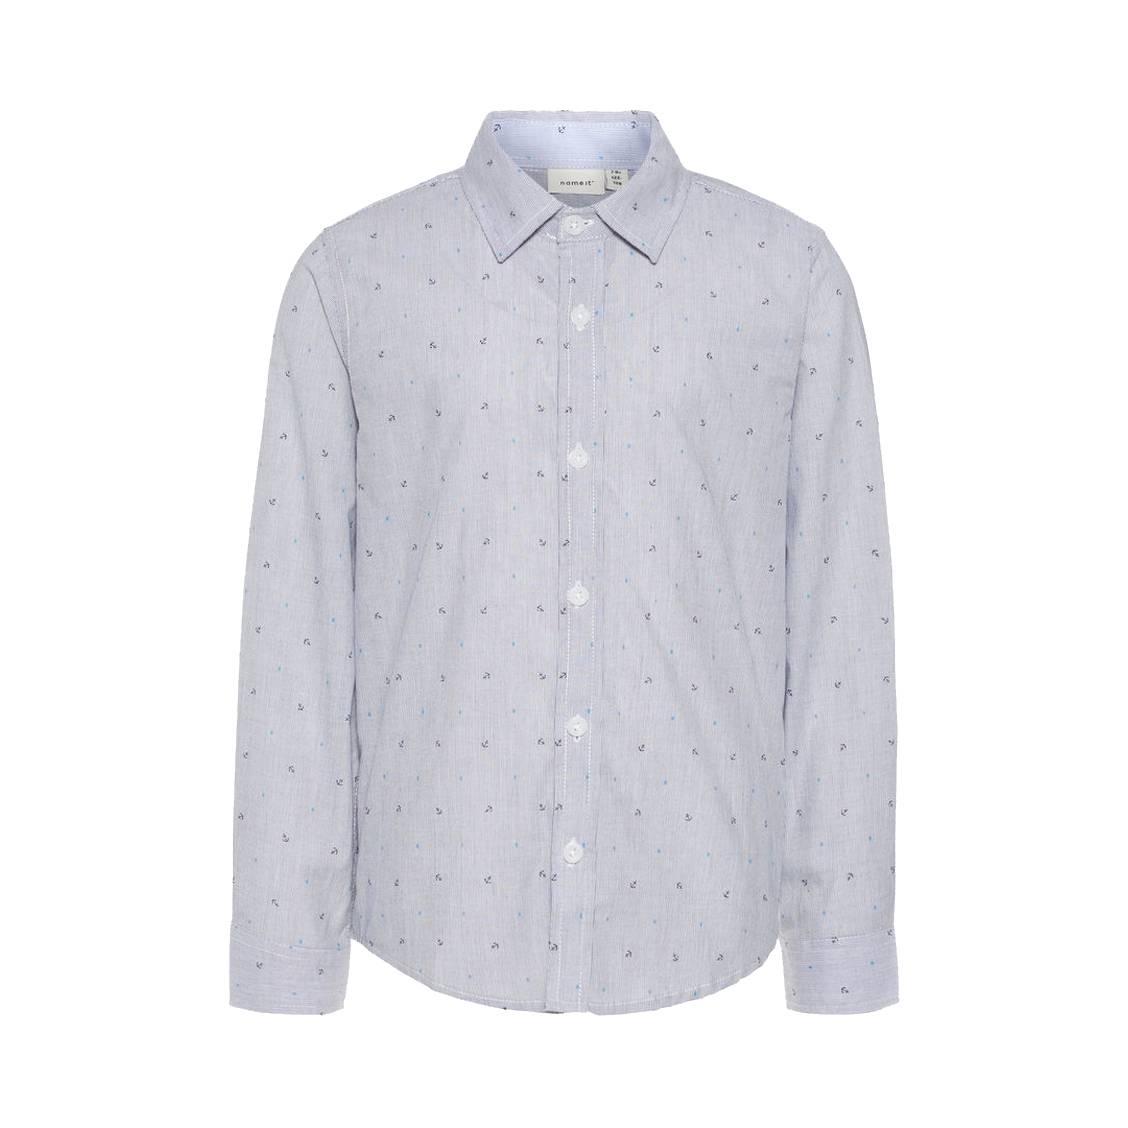 Chemise  nkmias en coton bleu foncé rayé à imprimé à ancres et pois